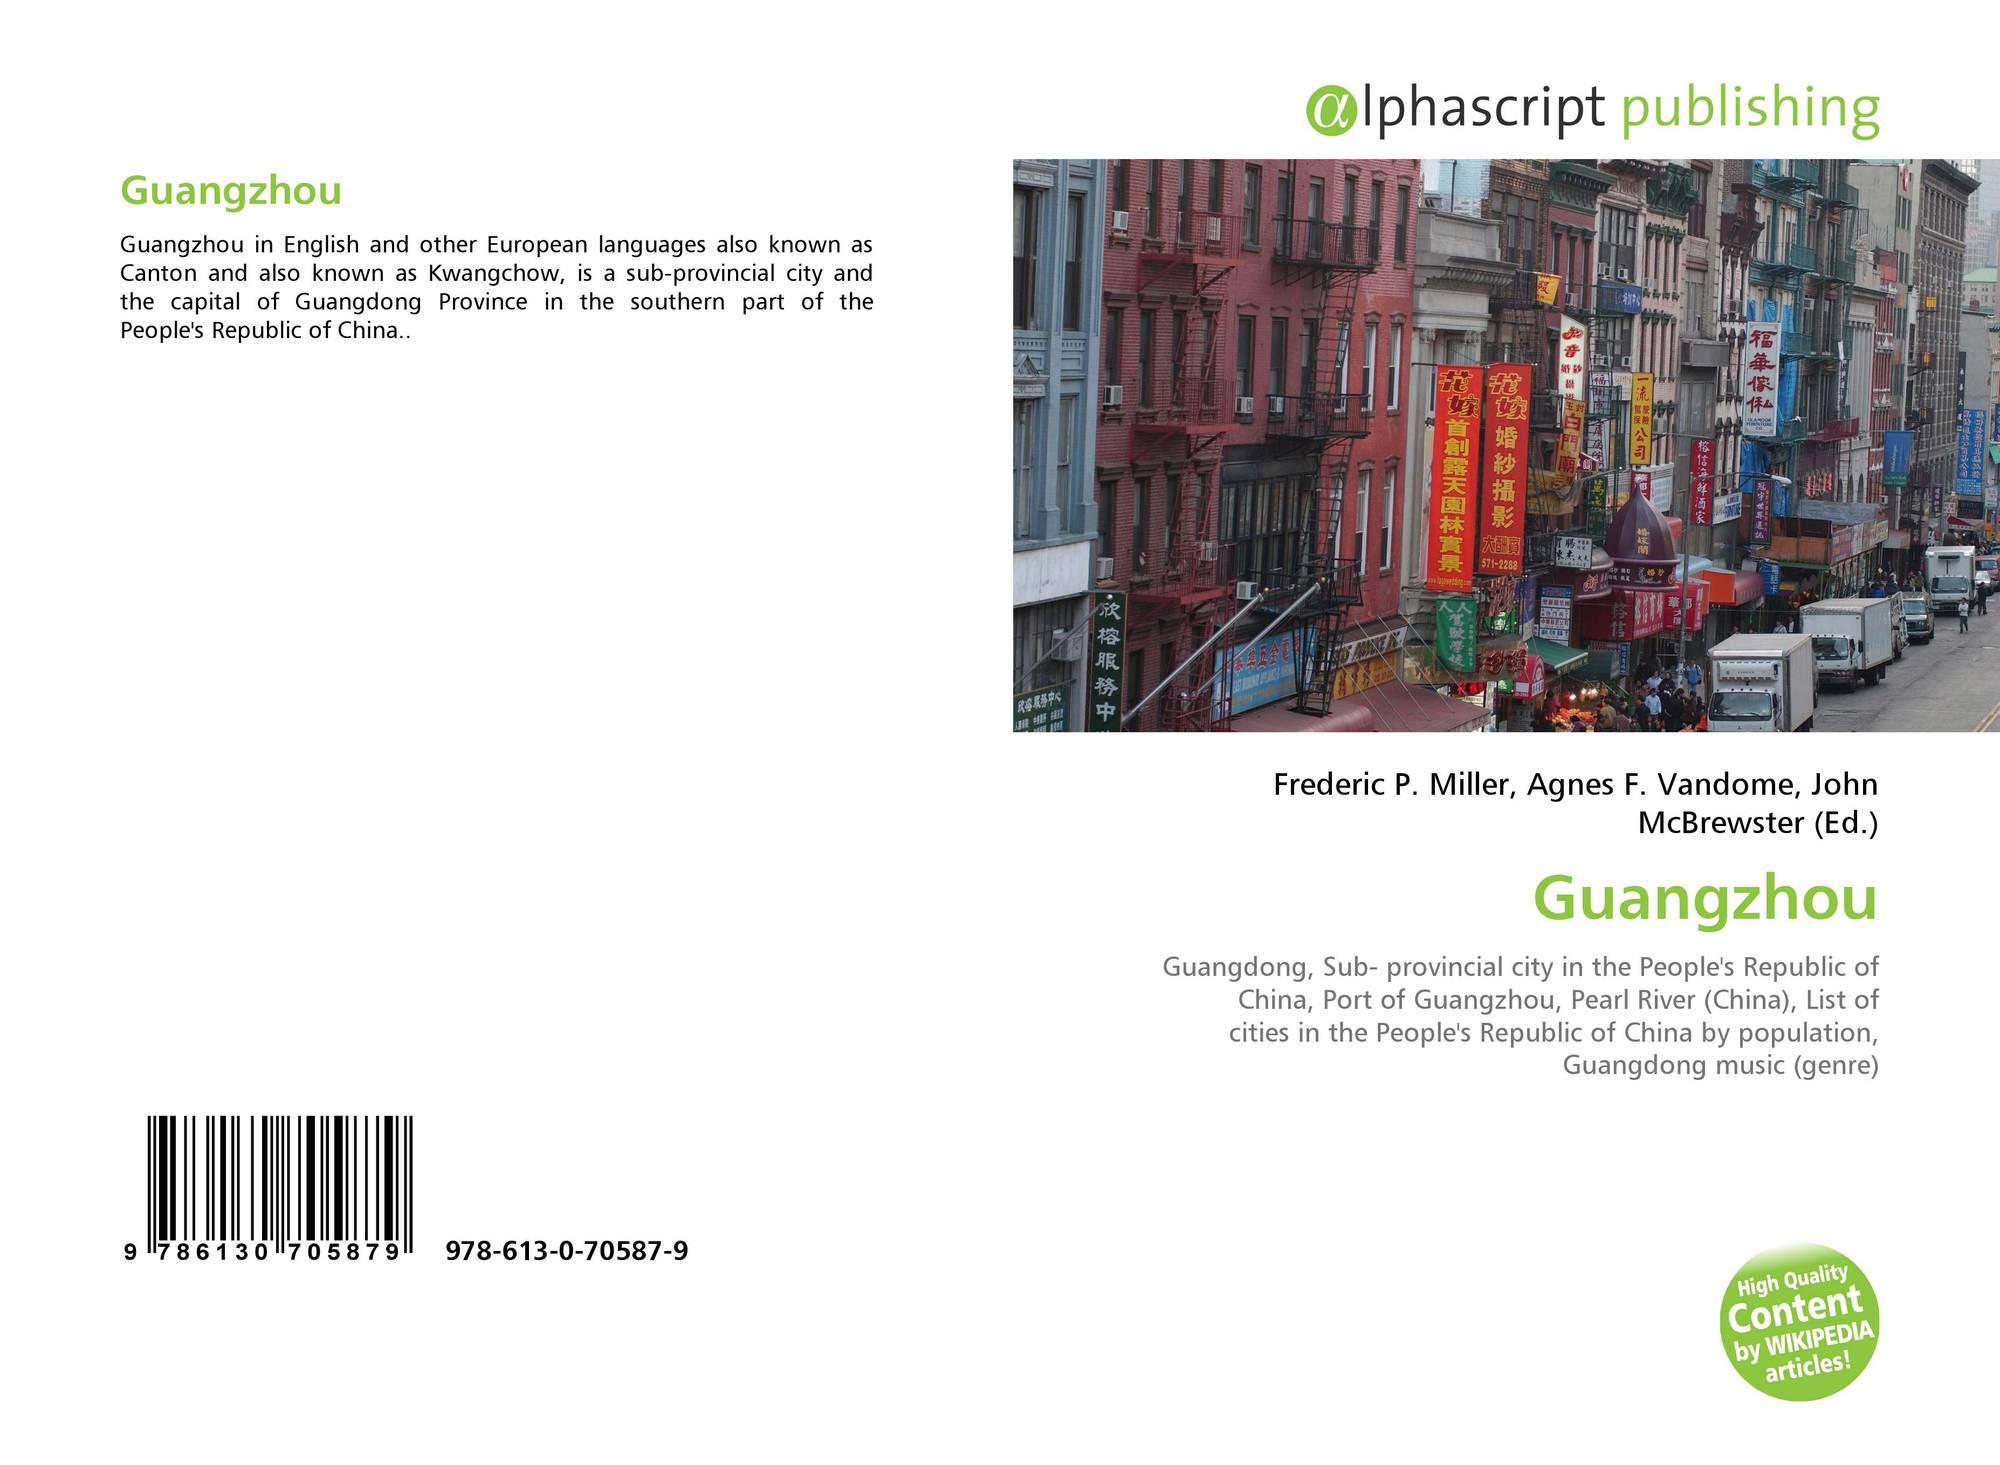 Guangzhou, 978-613-0-70587-9, 6130705875 ,9786130705879